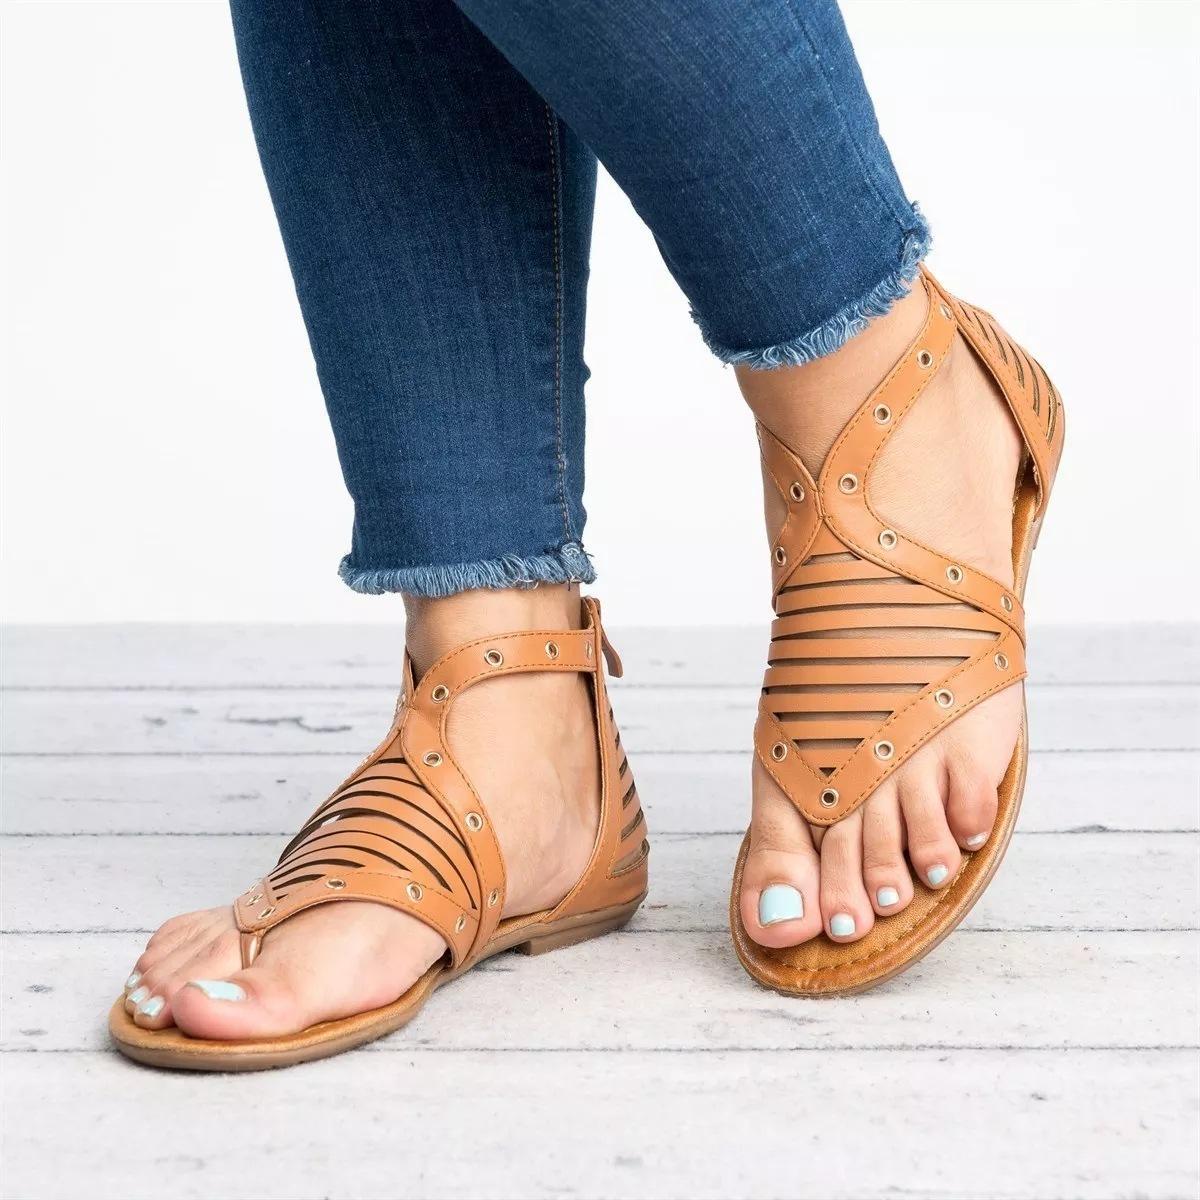 Lucky2019 Sandalet Kod Olacak Düz Alt Set Ayak Sandalet Kadın Joker bayan Ayakkabıları